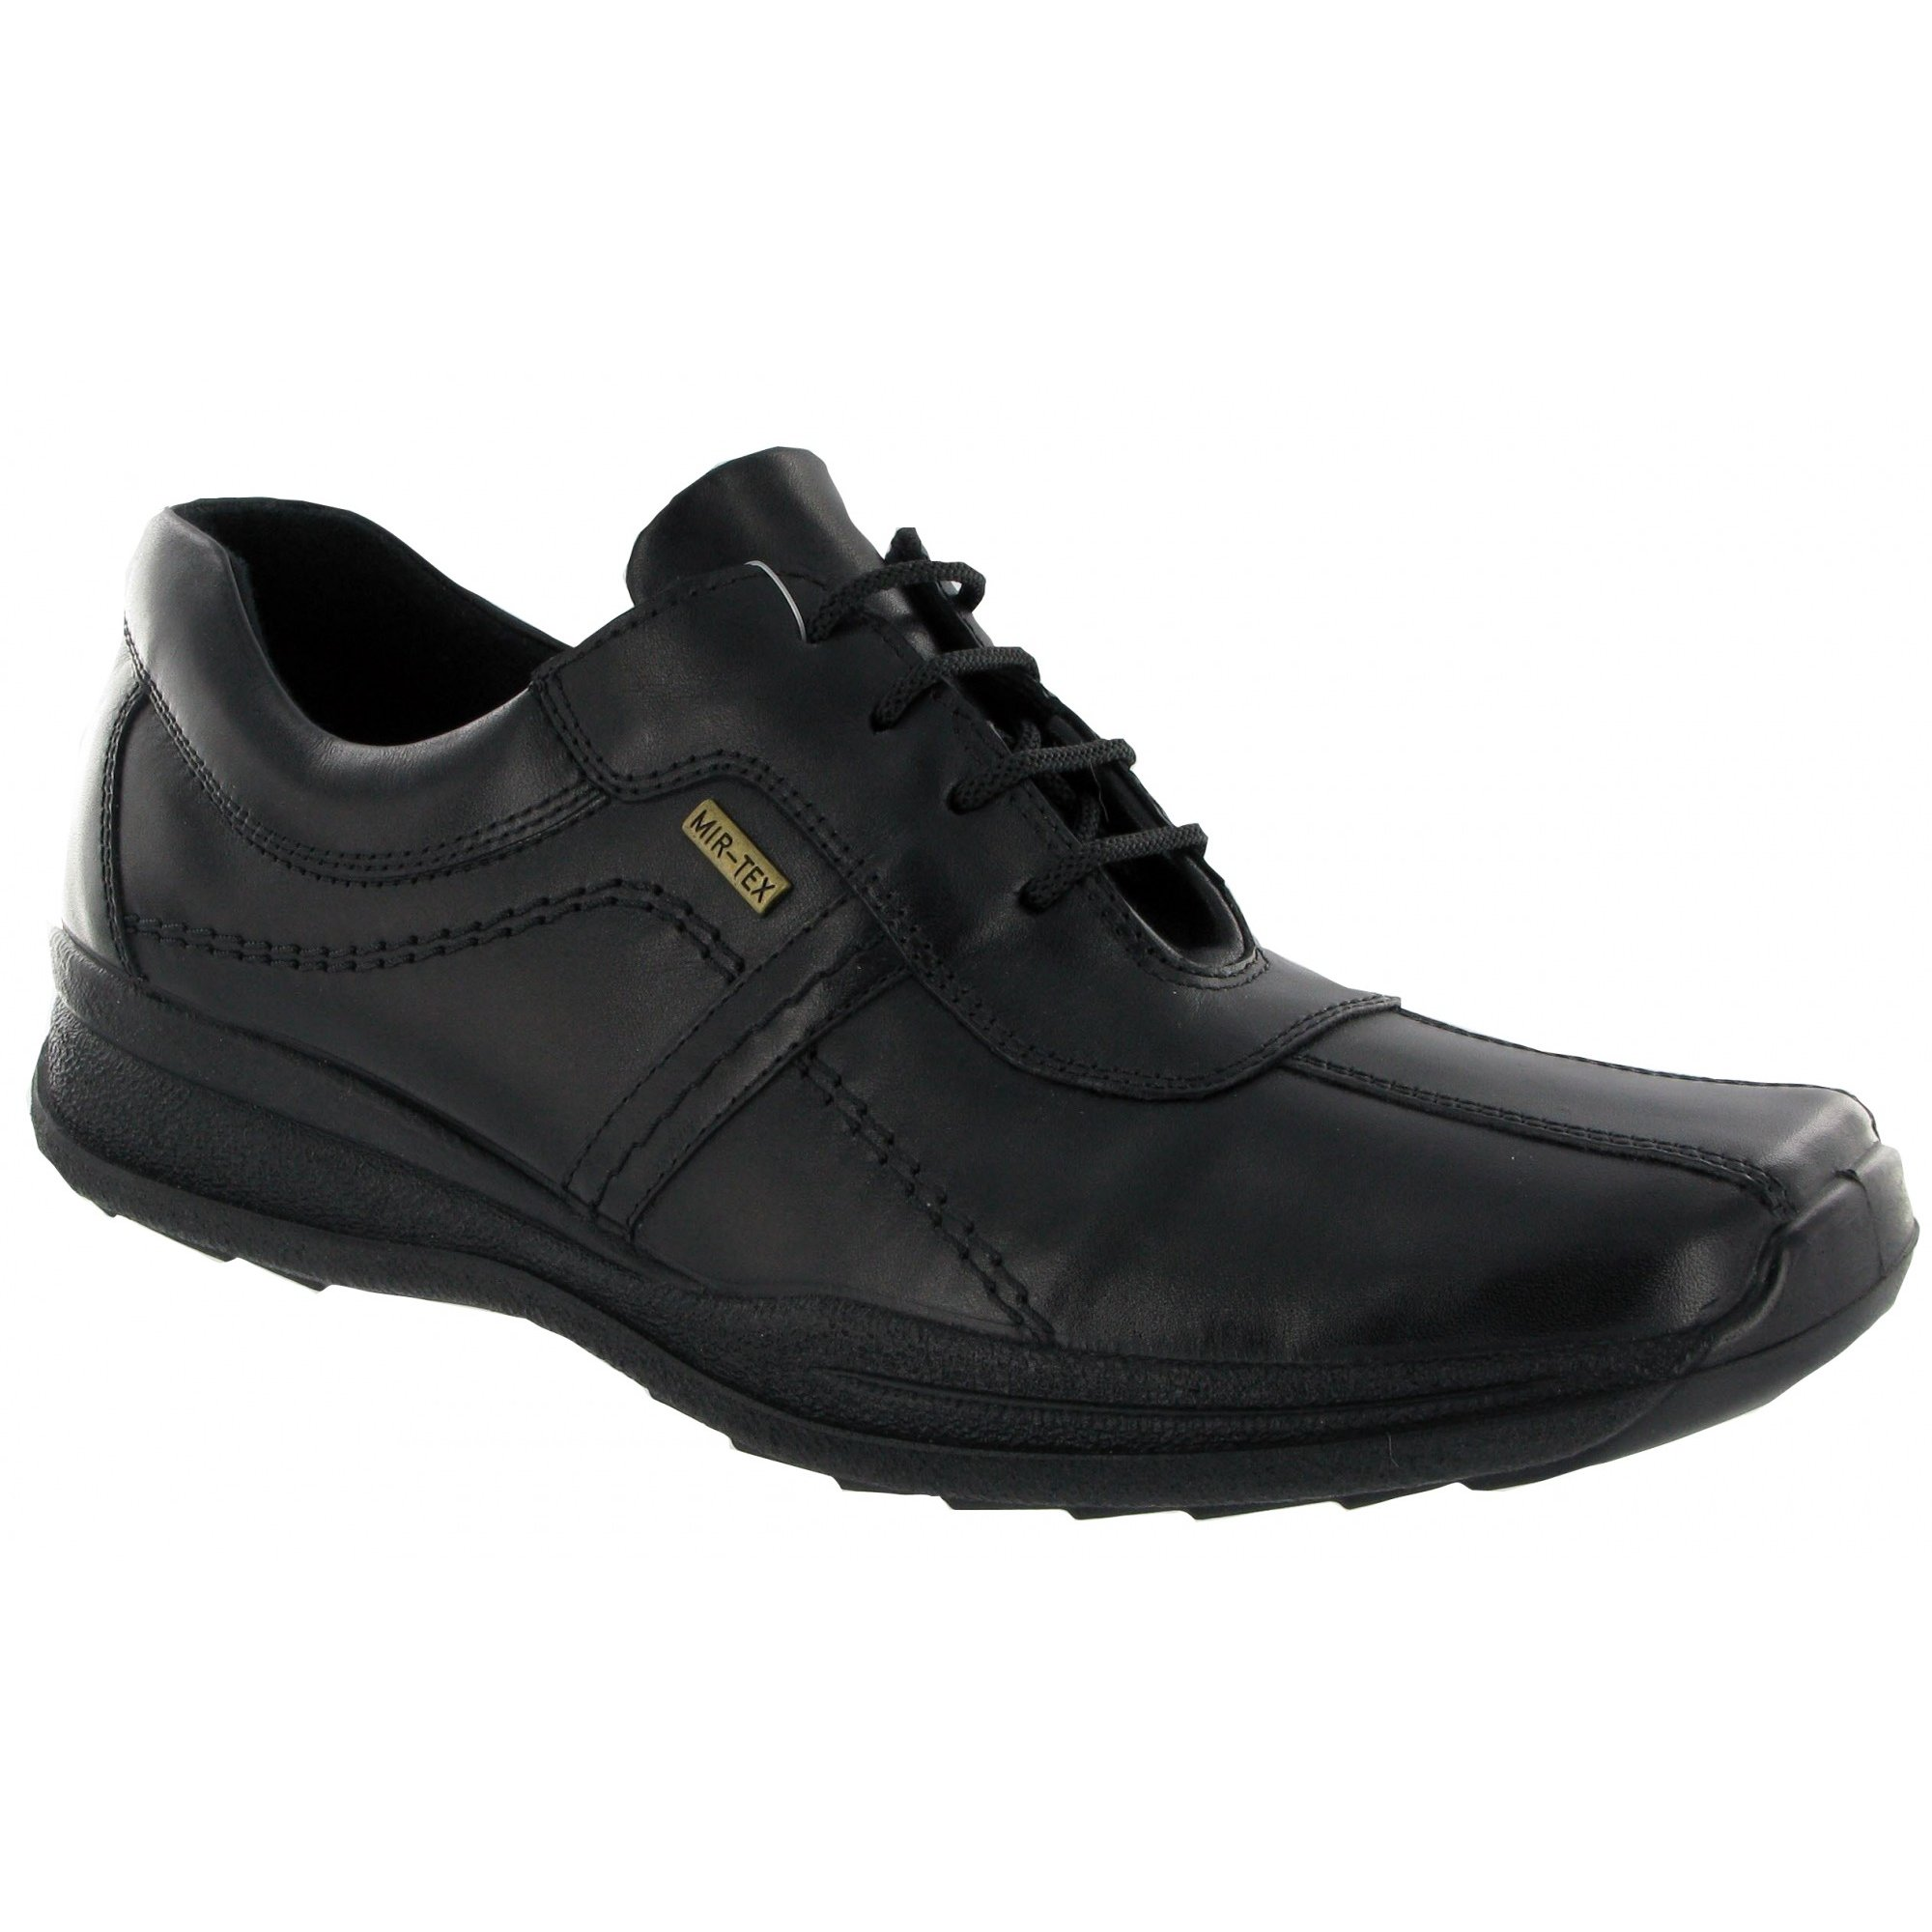 Cotswold Cam Herren Schnürschuhe (FS239) / Sneakers / Schuhe (FS239) Schnürschuhe d518dd